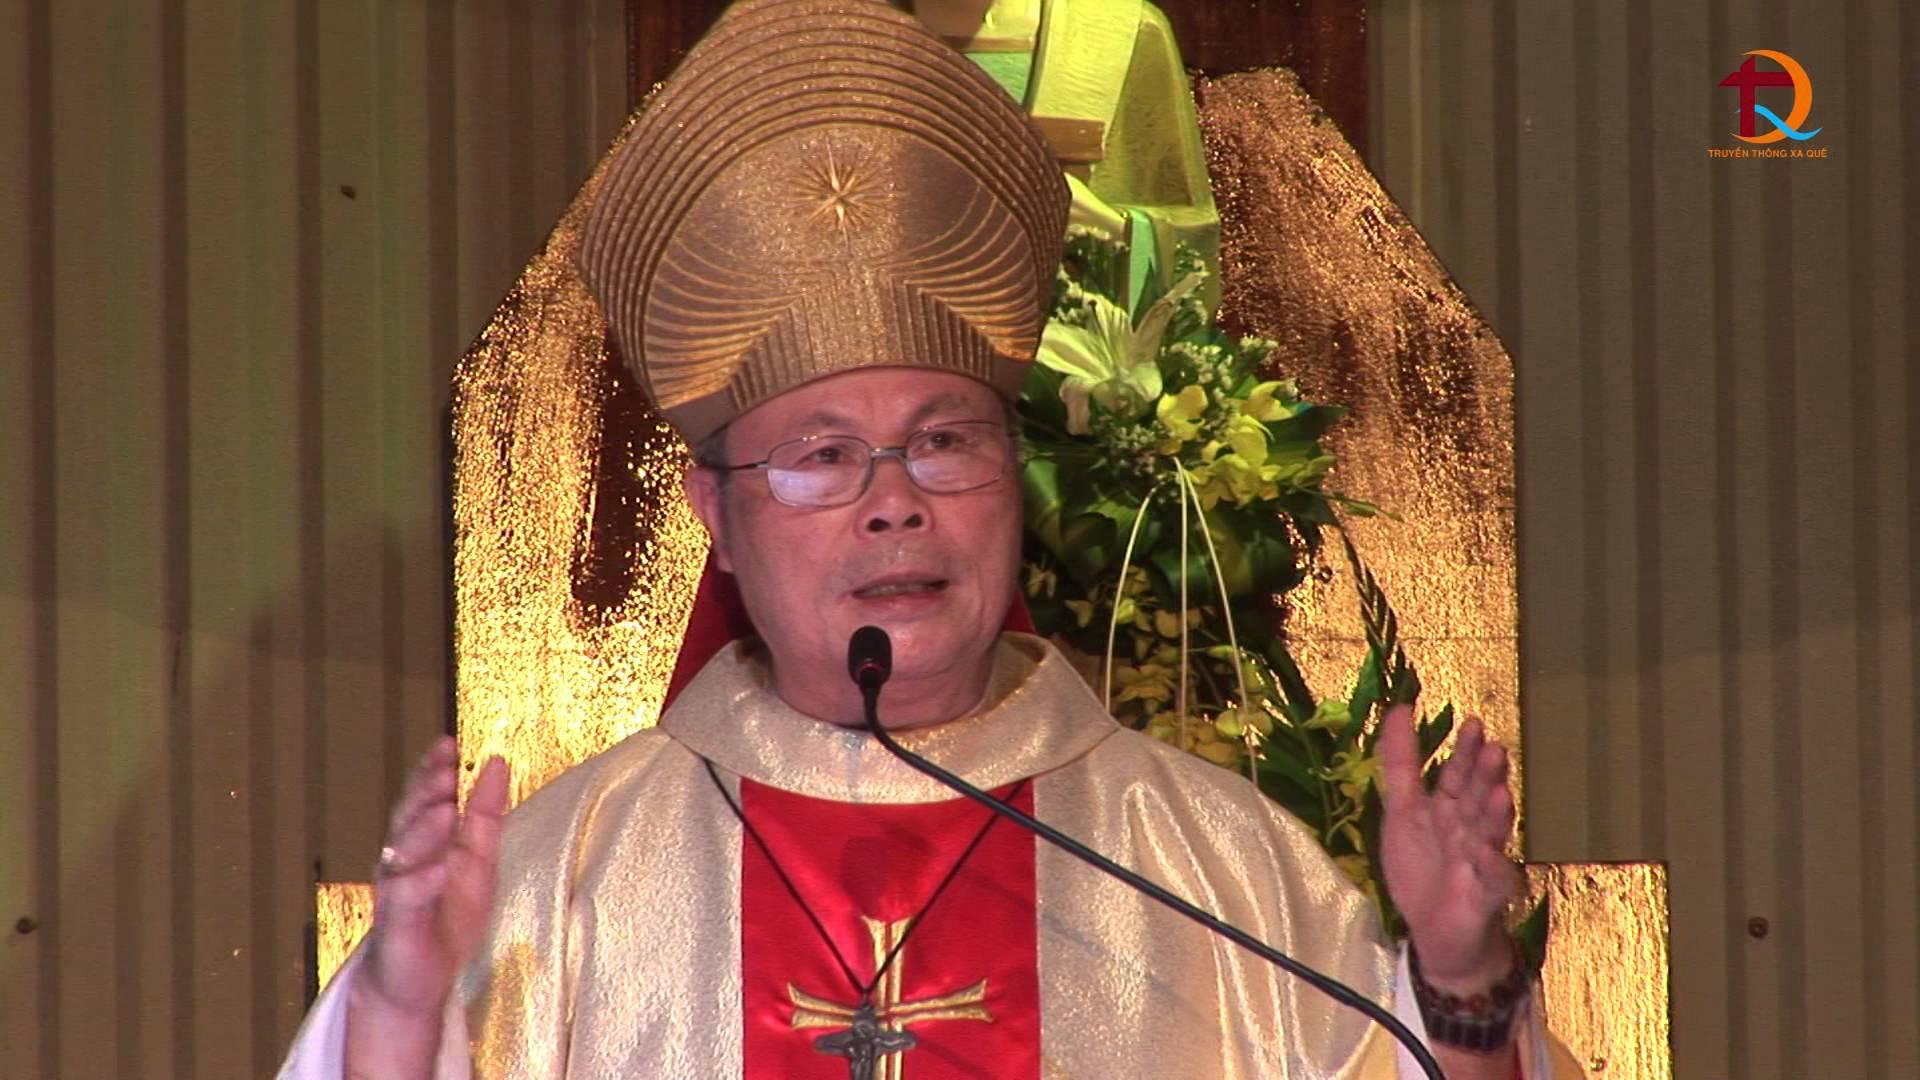 36 vị Tổng Giám Mục sẽ được trao dây Pallium, Việt Nam có Đức Cha Nguyễn Chí Linh